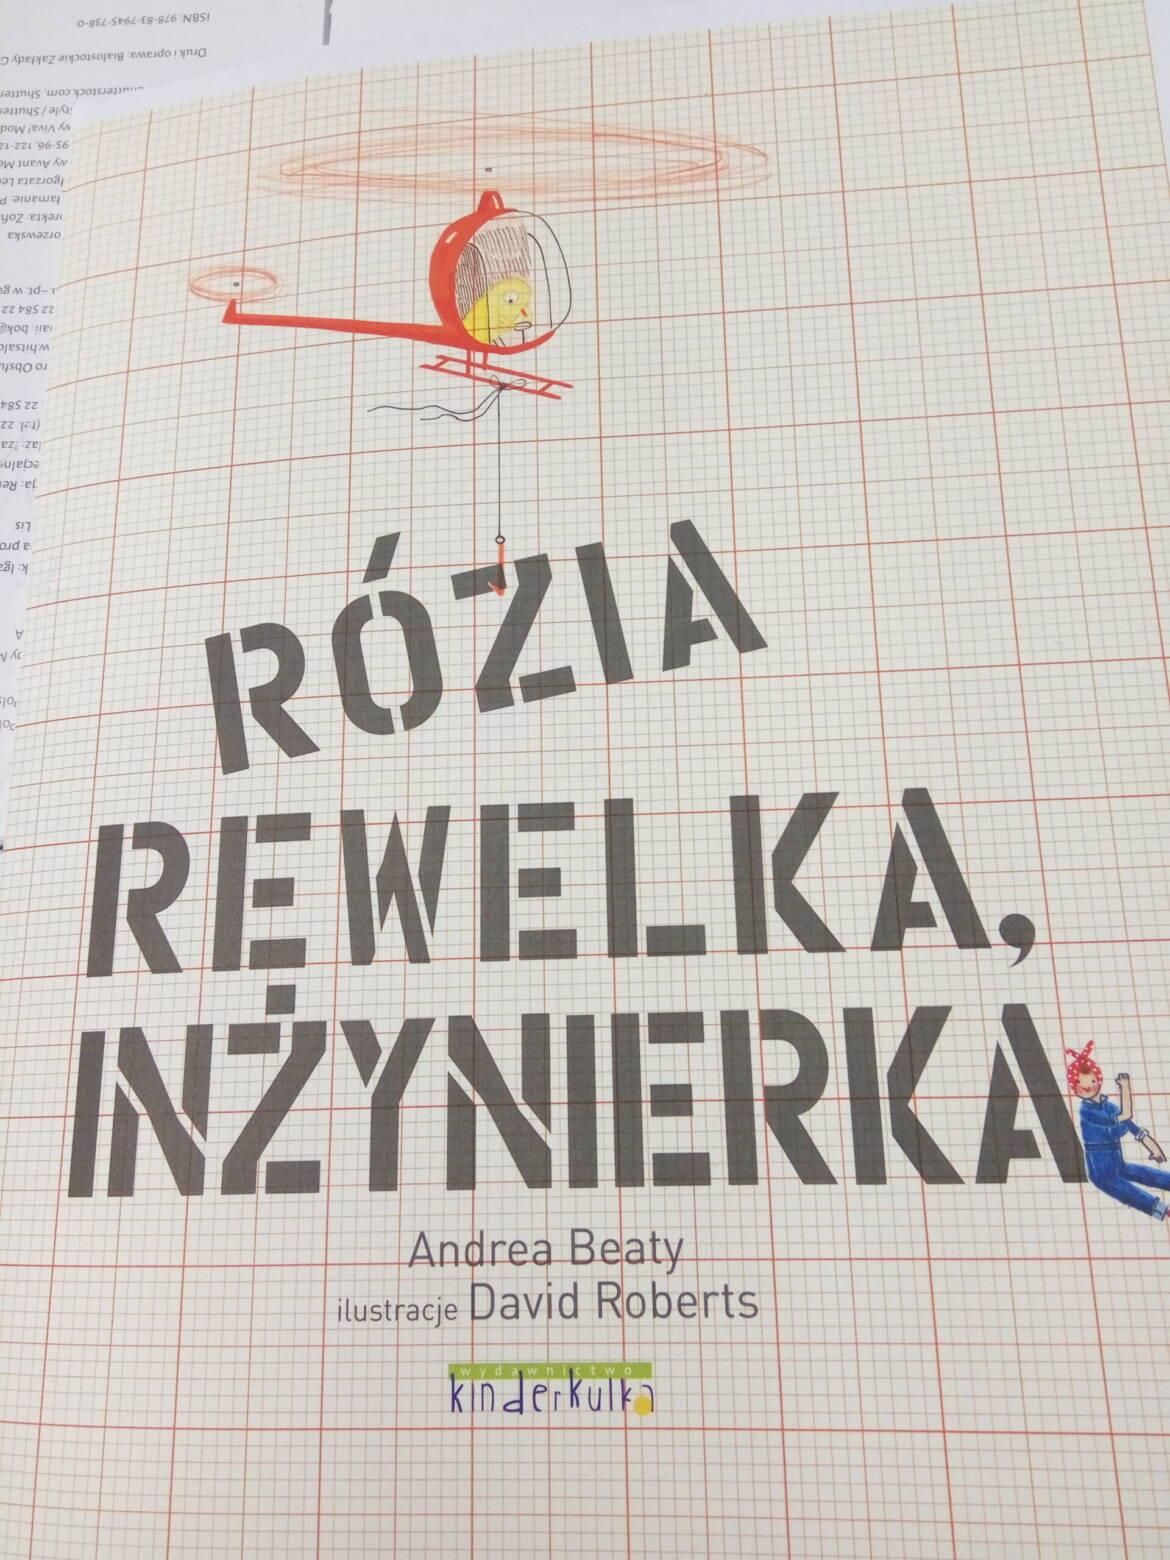 Rozia_Rewelka_inzynierka_drukarnia-scaled.jpg